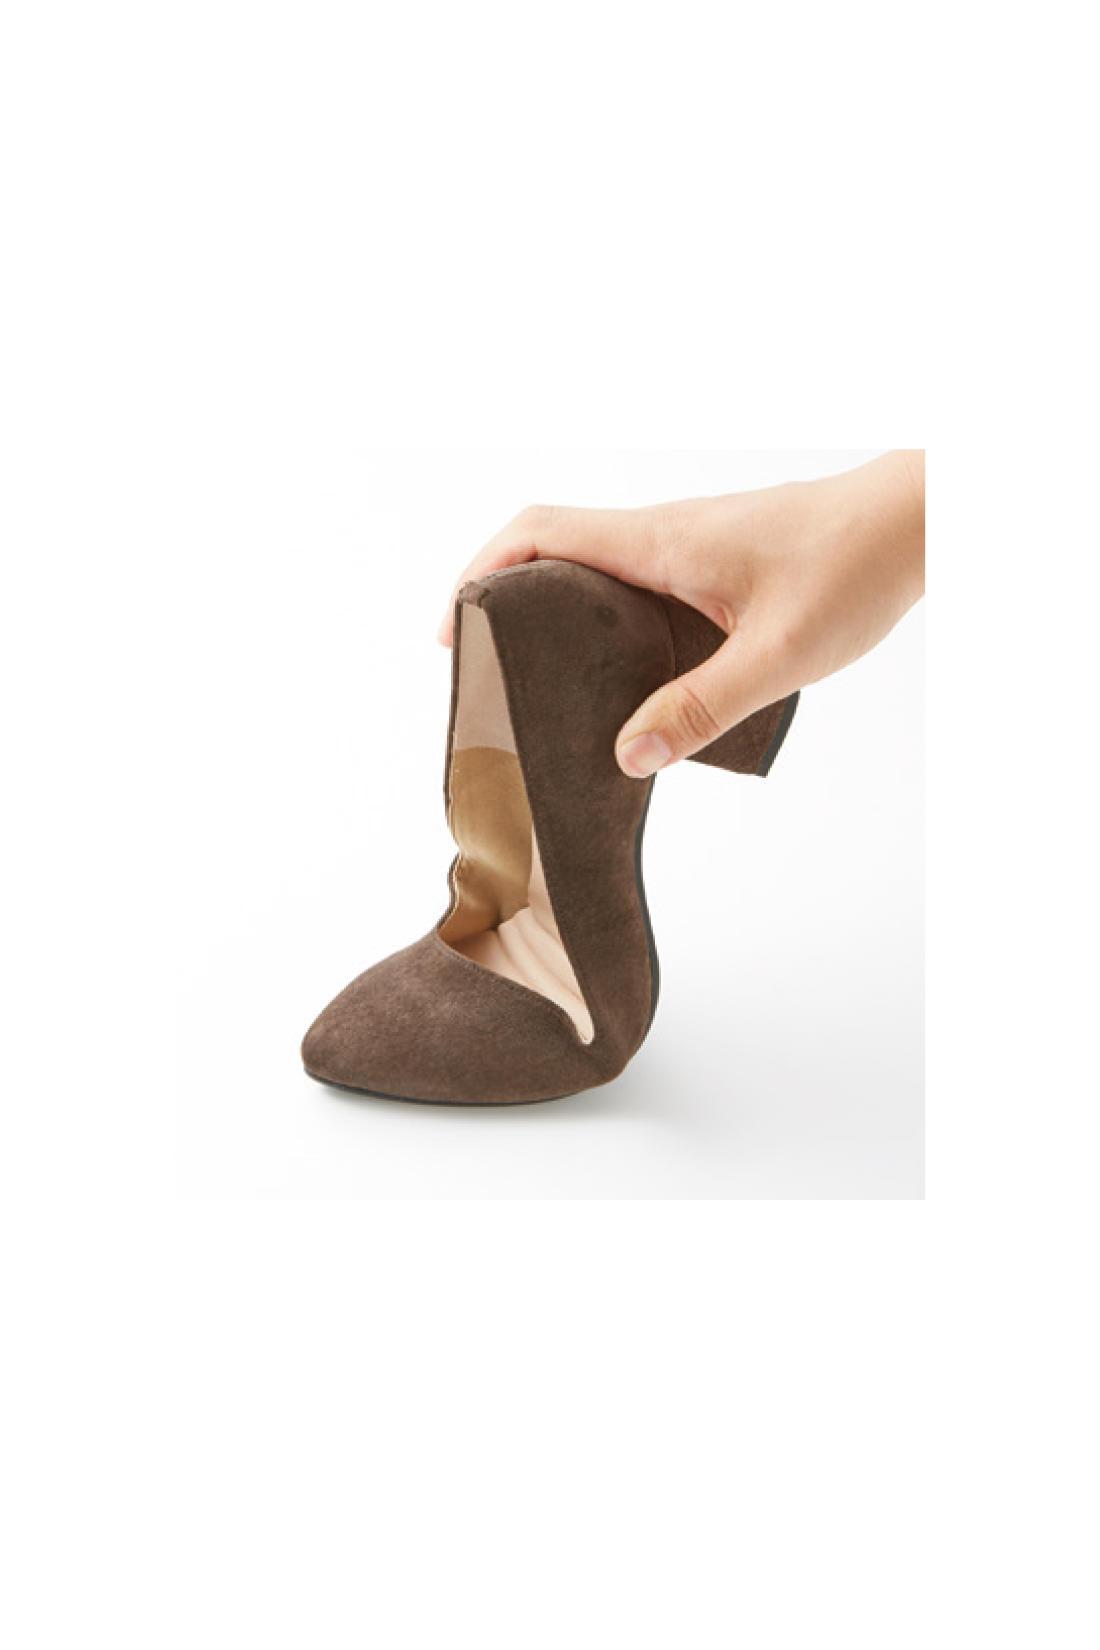 ぐいーんと屈曲! しなやかソール 底はゴム素材で滑りにくく歩きやすい。パンプスとは思えないほど屈曲性があり、走れそうなほど軽やかな履き心地は、アクティブに駆けまわる忙しい女性の強い味方。